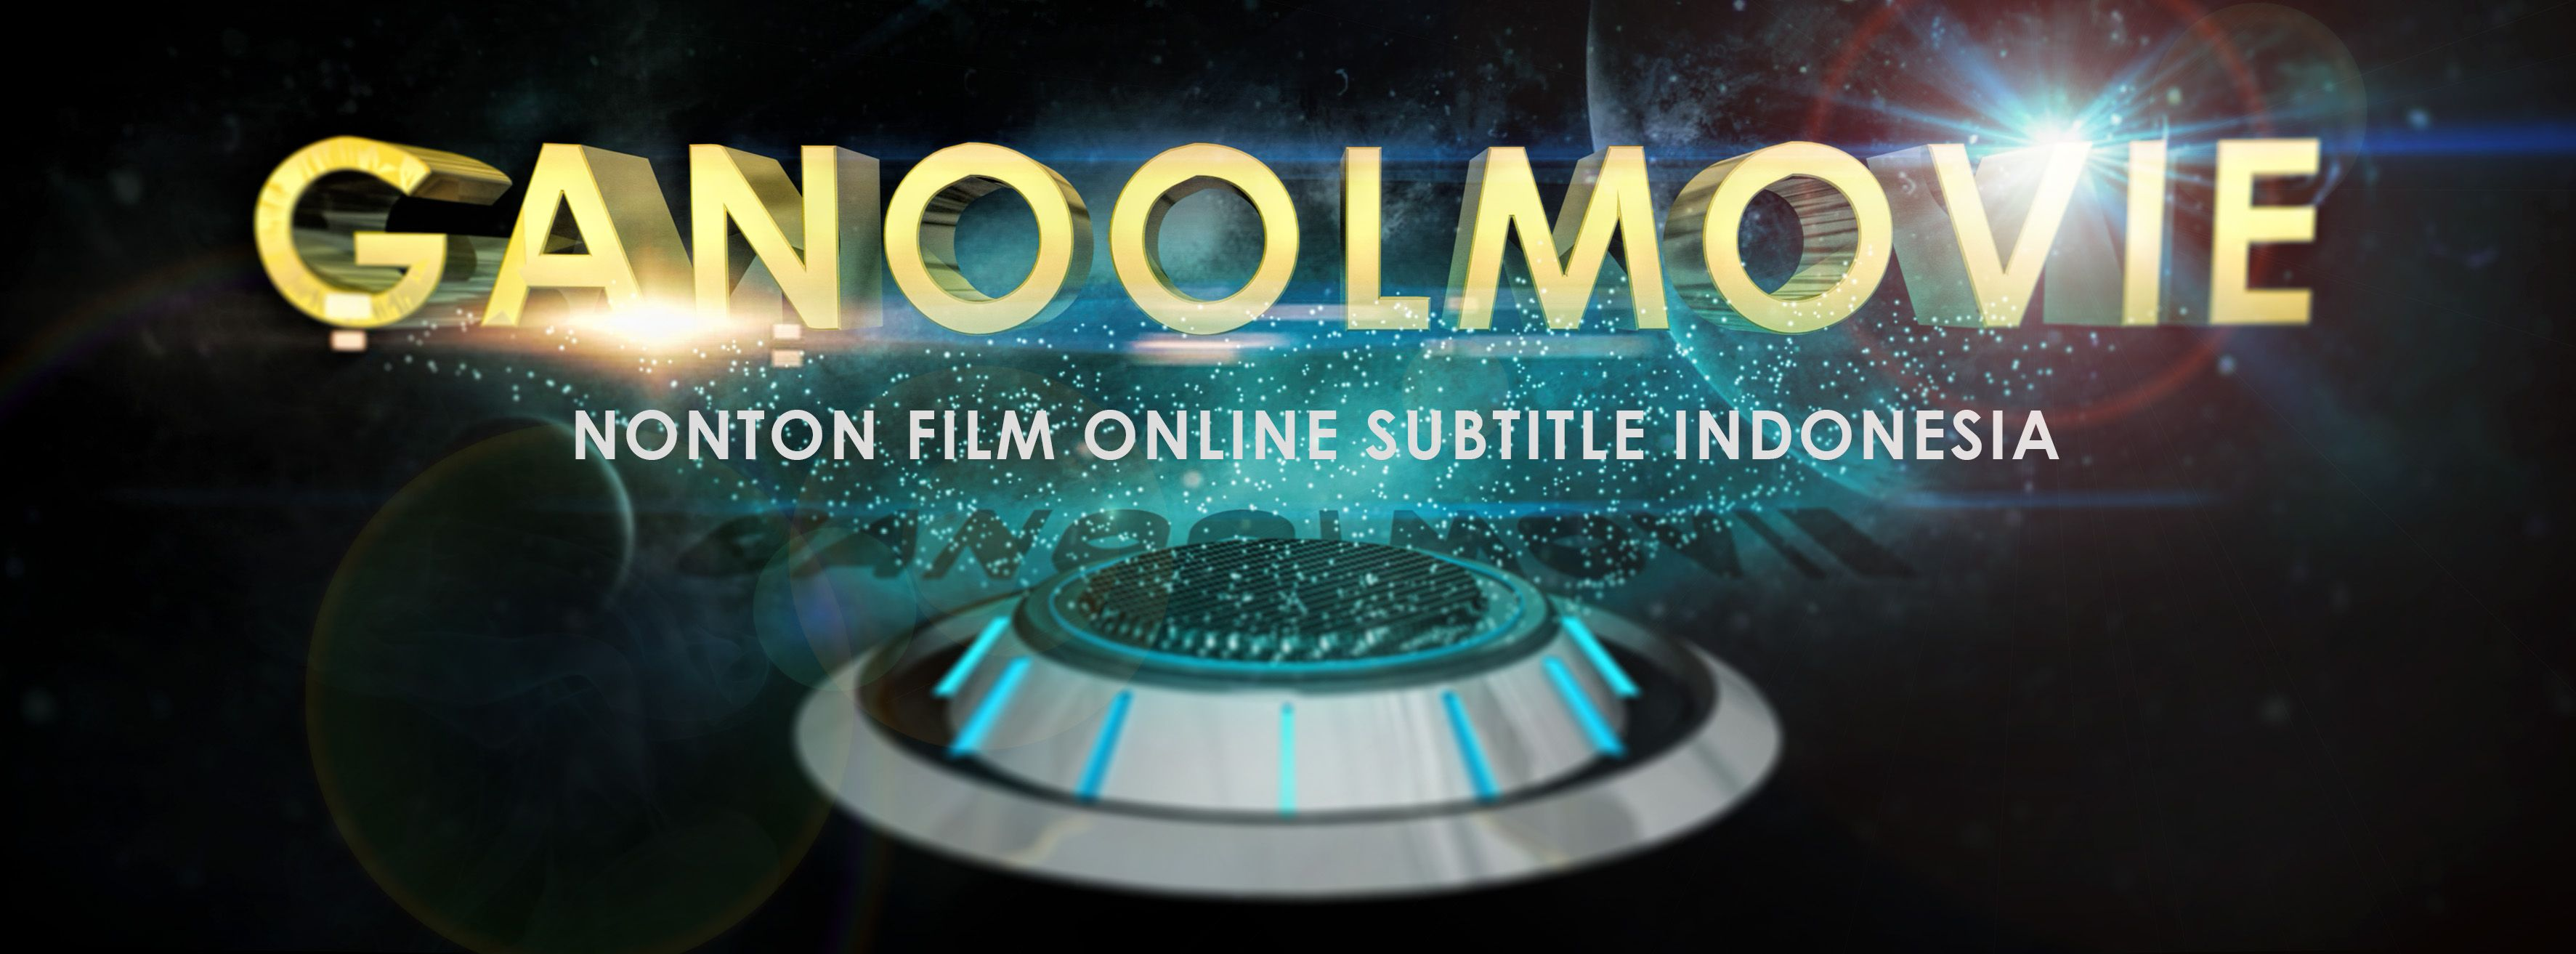 Nonton film online, Drama korea, Drama mandarin, subtitle indonesia